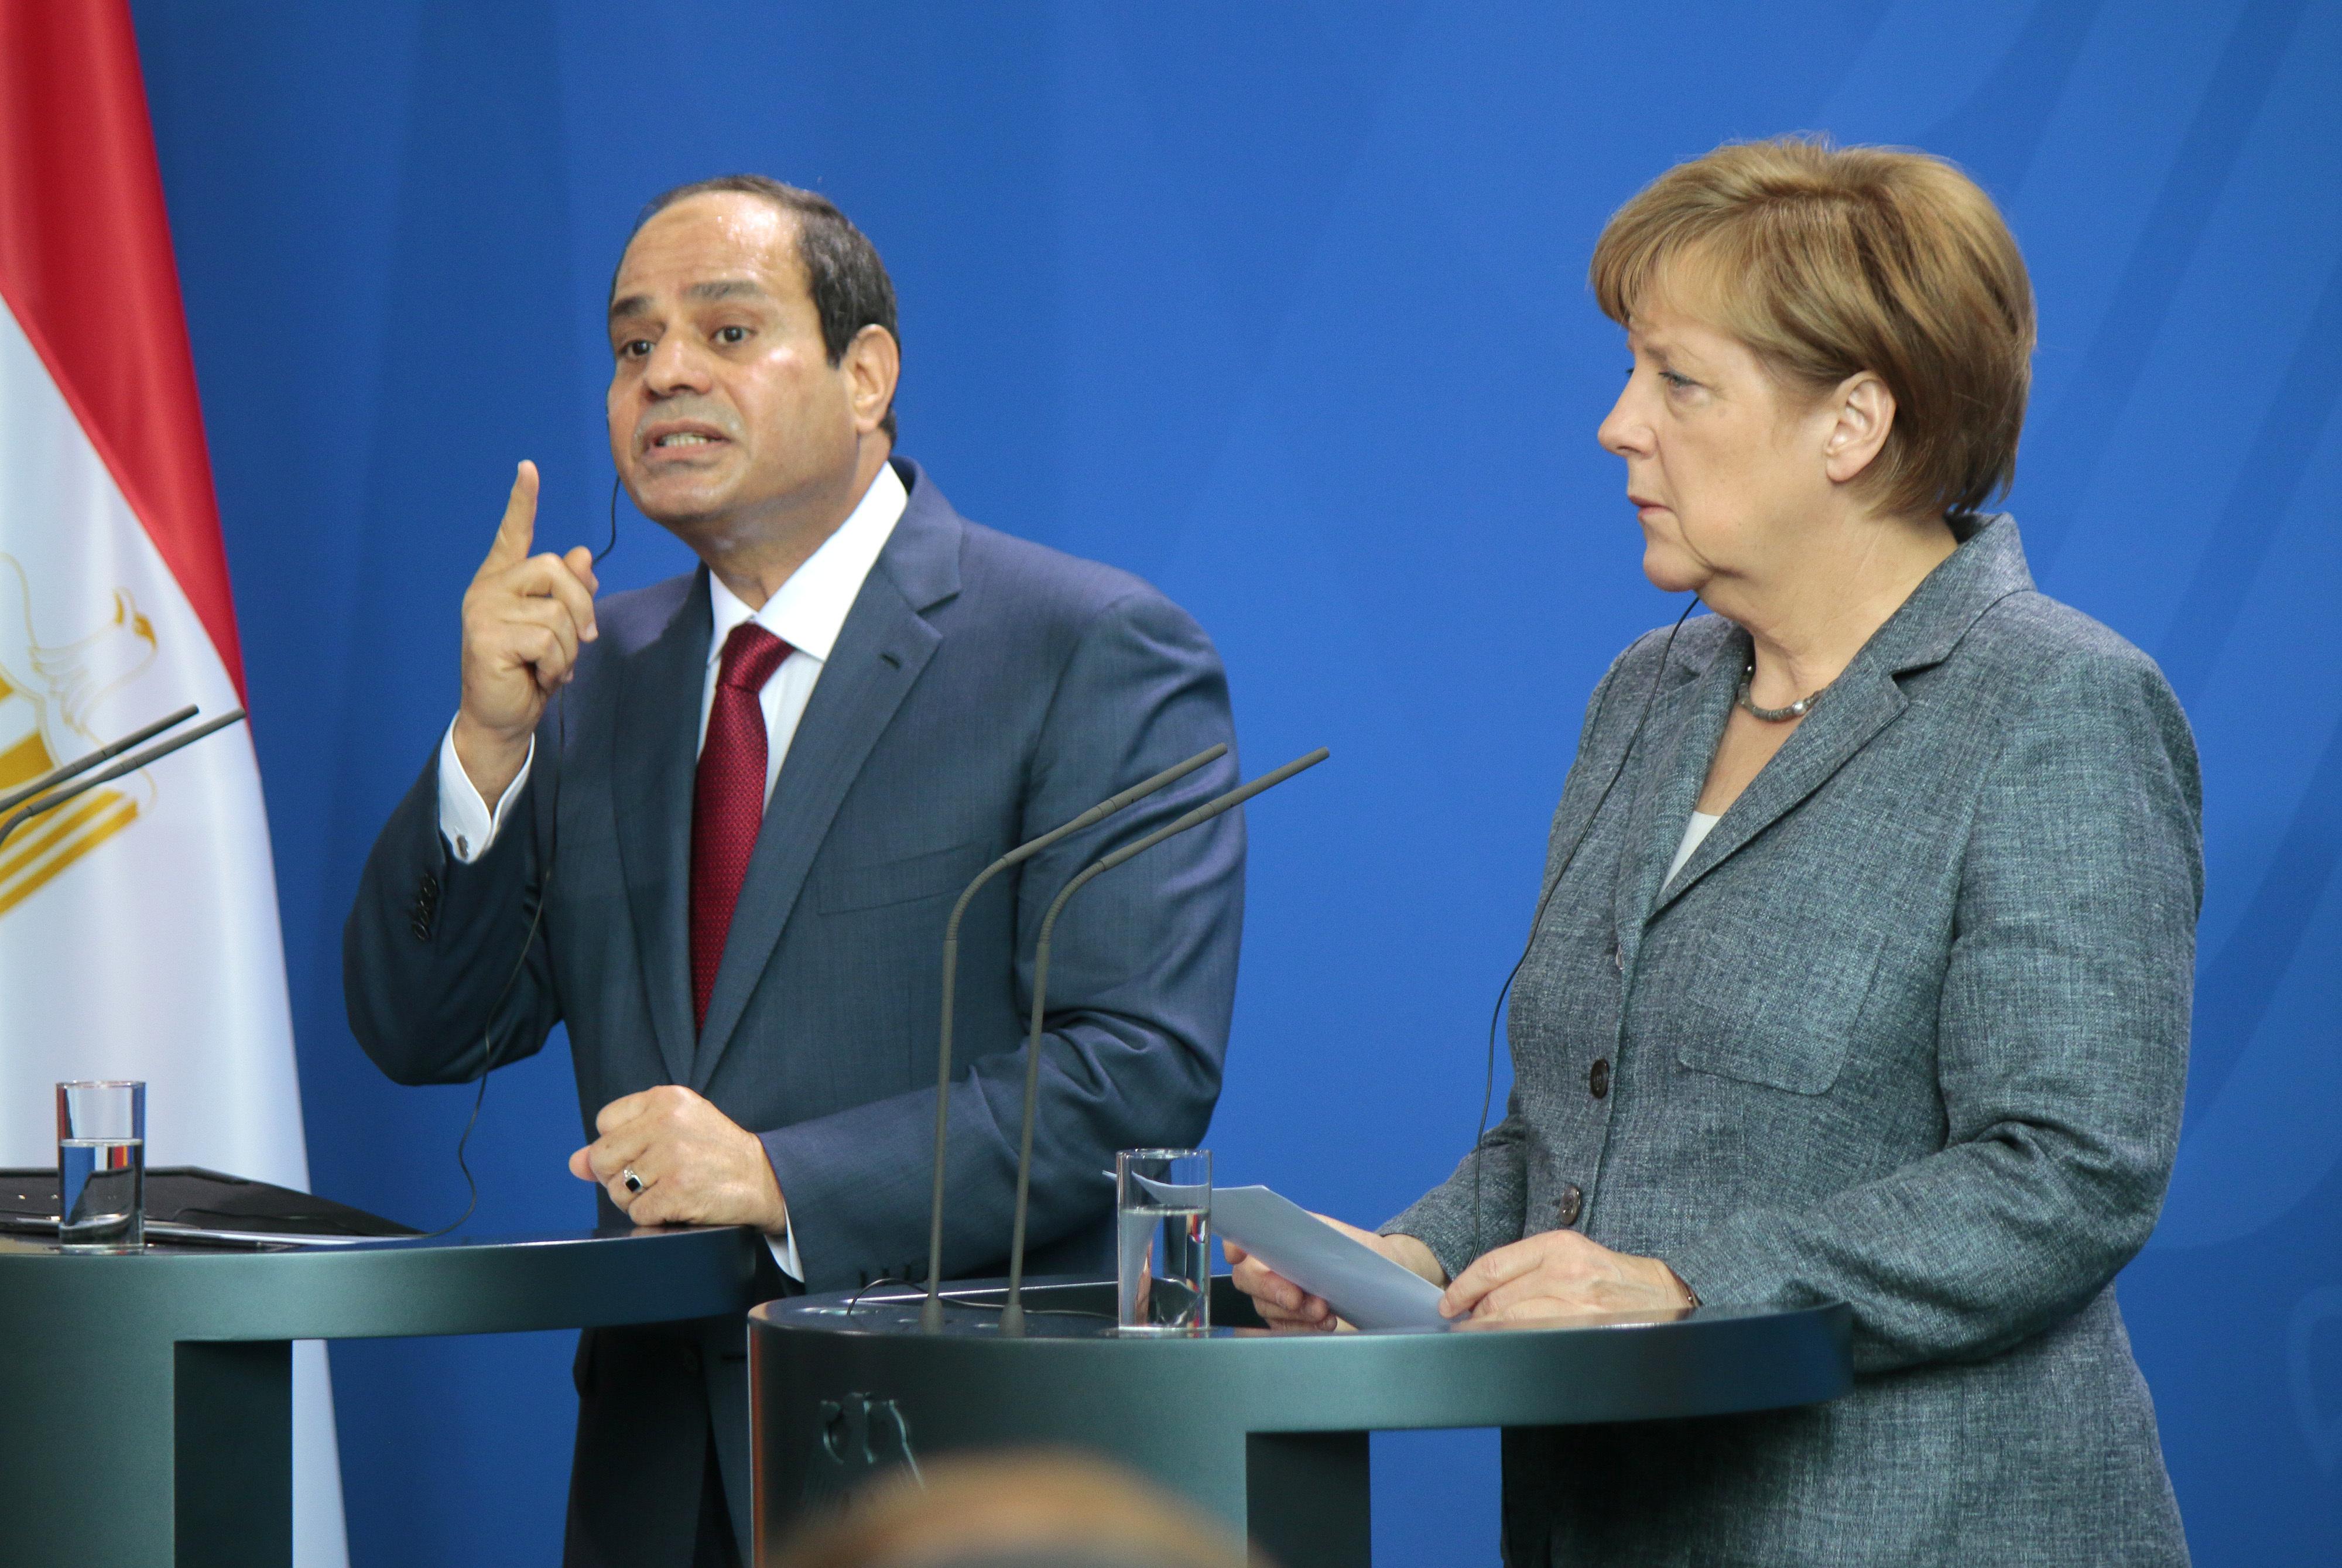 Egyptens president Abd al-Fattah al-Sisi tillsammans med Tysklands förbundskansler Angela Merkel.